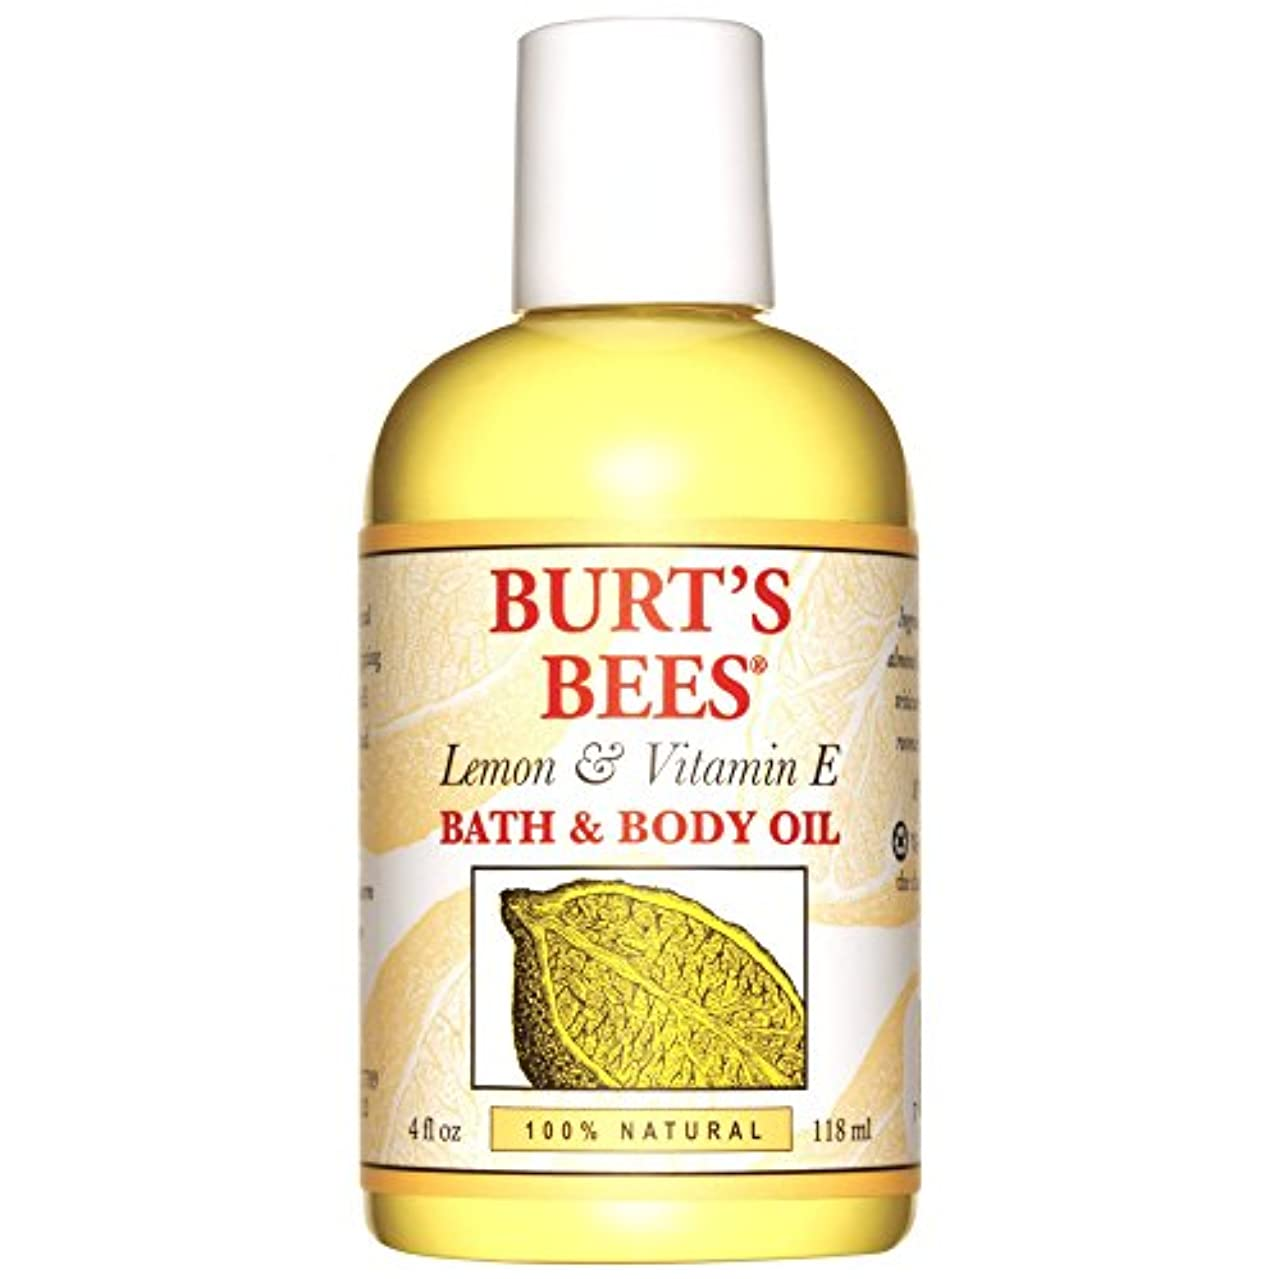 体統計的有害バーツビーレモンとビタミンEバス、ボディオイル118ミリリットル (Burt's Bees) - Burt's Bees Lemon and Vitamin E Bath and Body Oil 118ml [並行輸入品]